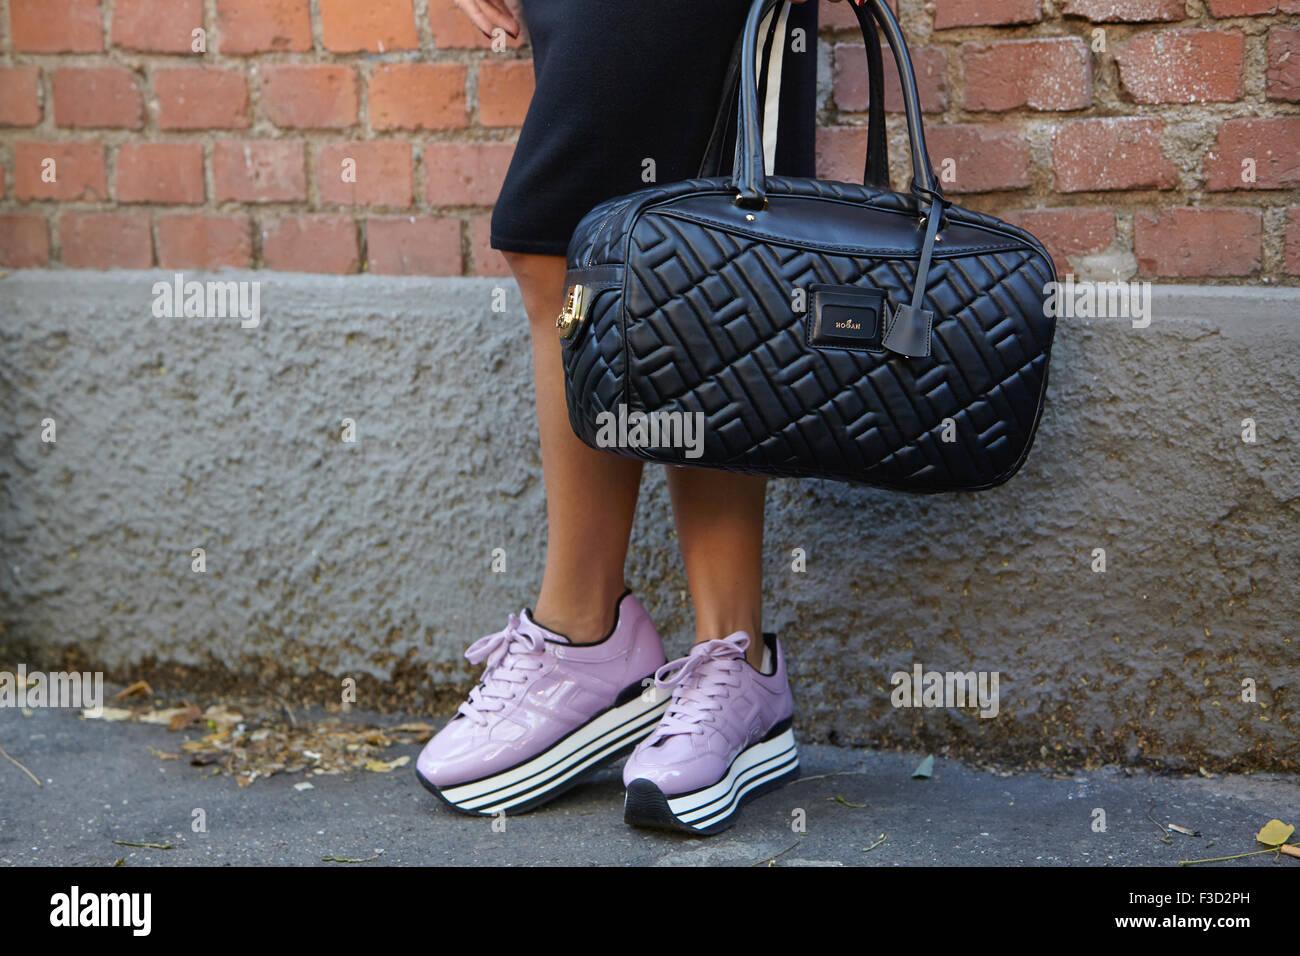 La femme pose pour photographes avec Hogan chaussures Fendi sac et avant de  montrer lors de 787041329d0